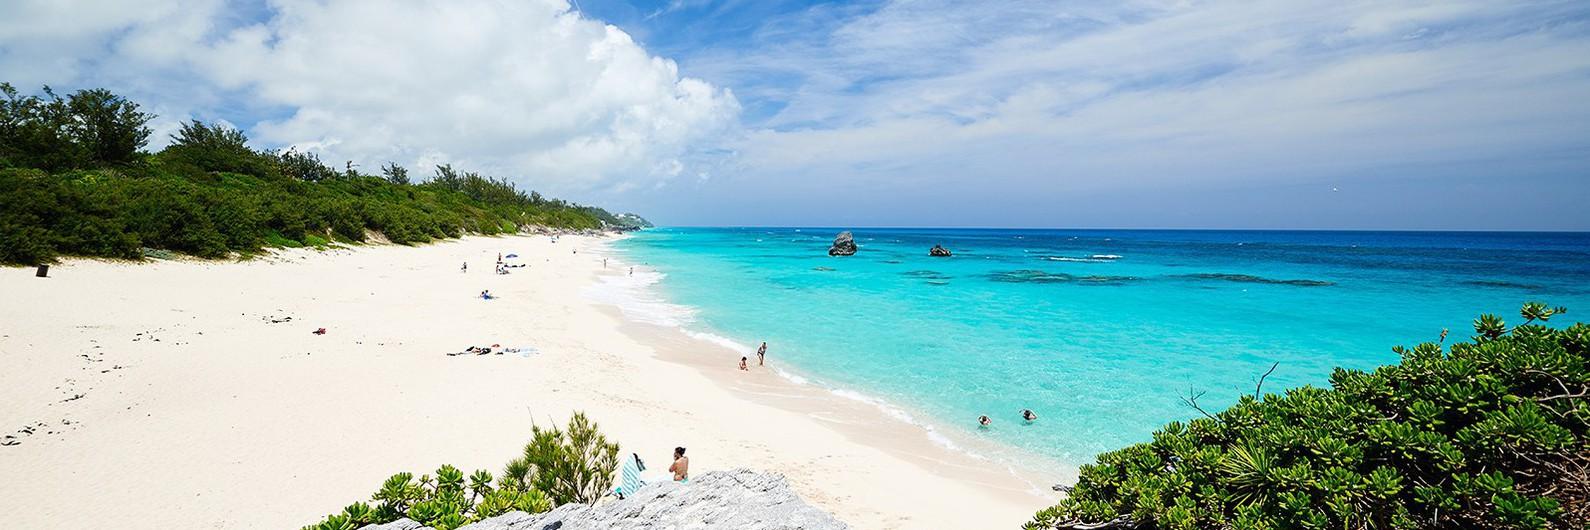 O que é que as Bermudas têm? Estes são os maiores paraísos fiscais do mundo